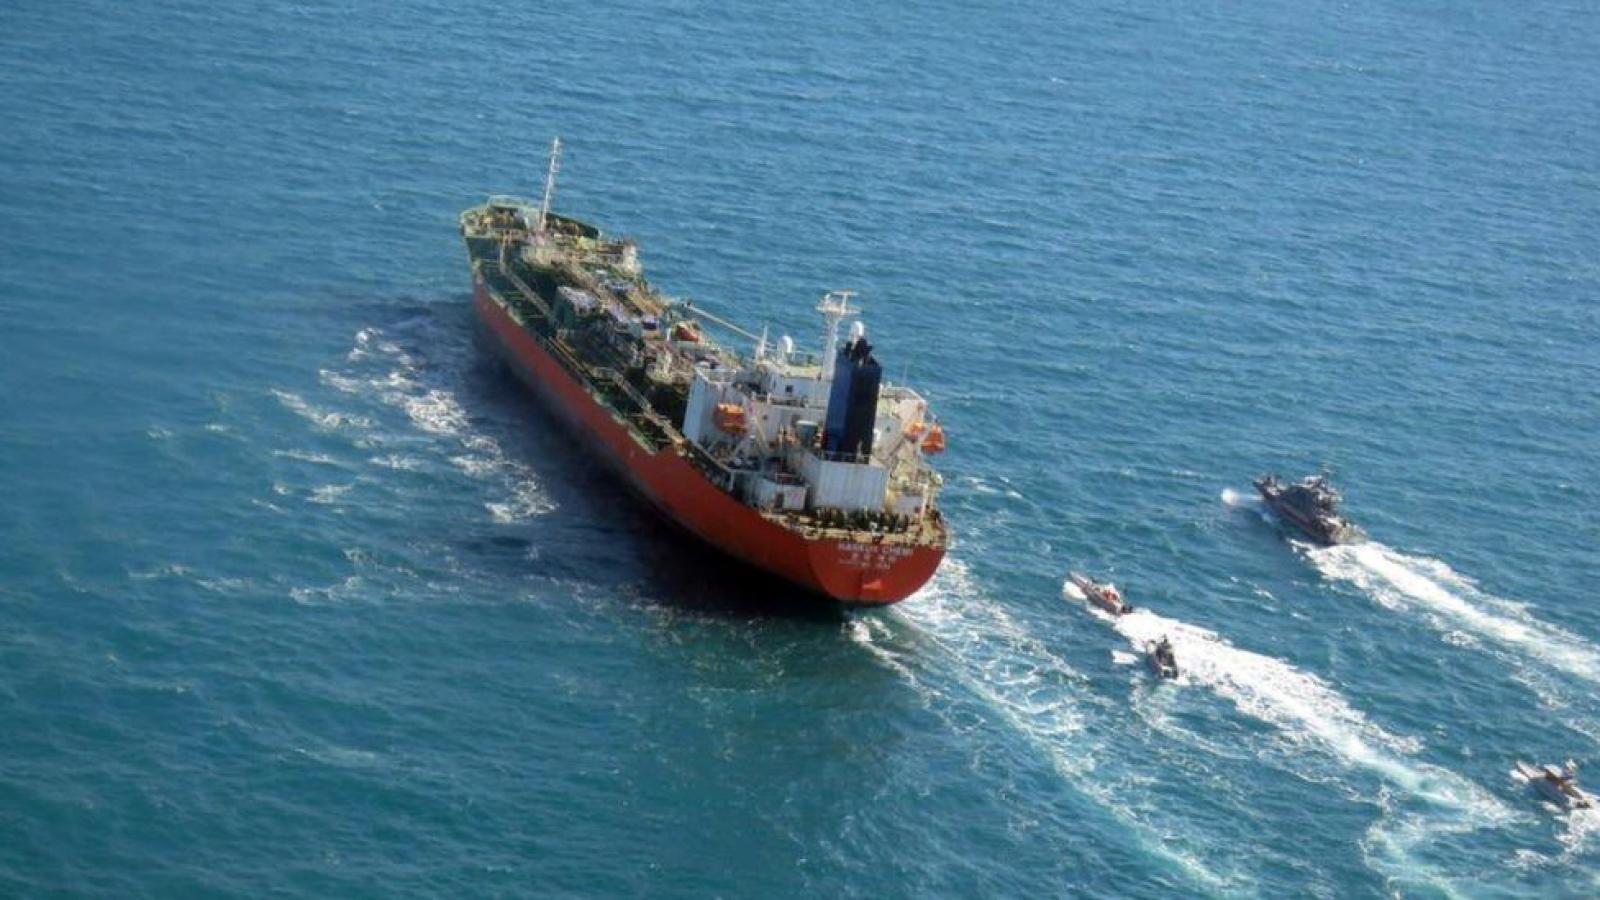 Iran yêu cầu Hàn Quốc trả lại 7 tỷ USD sau vụ bắt tàu hàng của Hàn Quốc